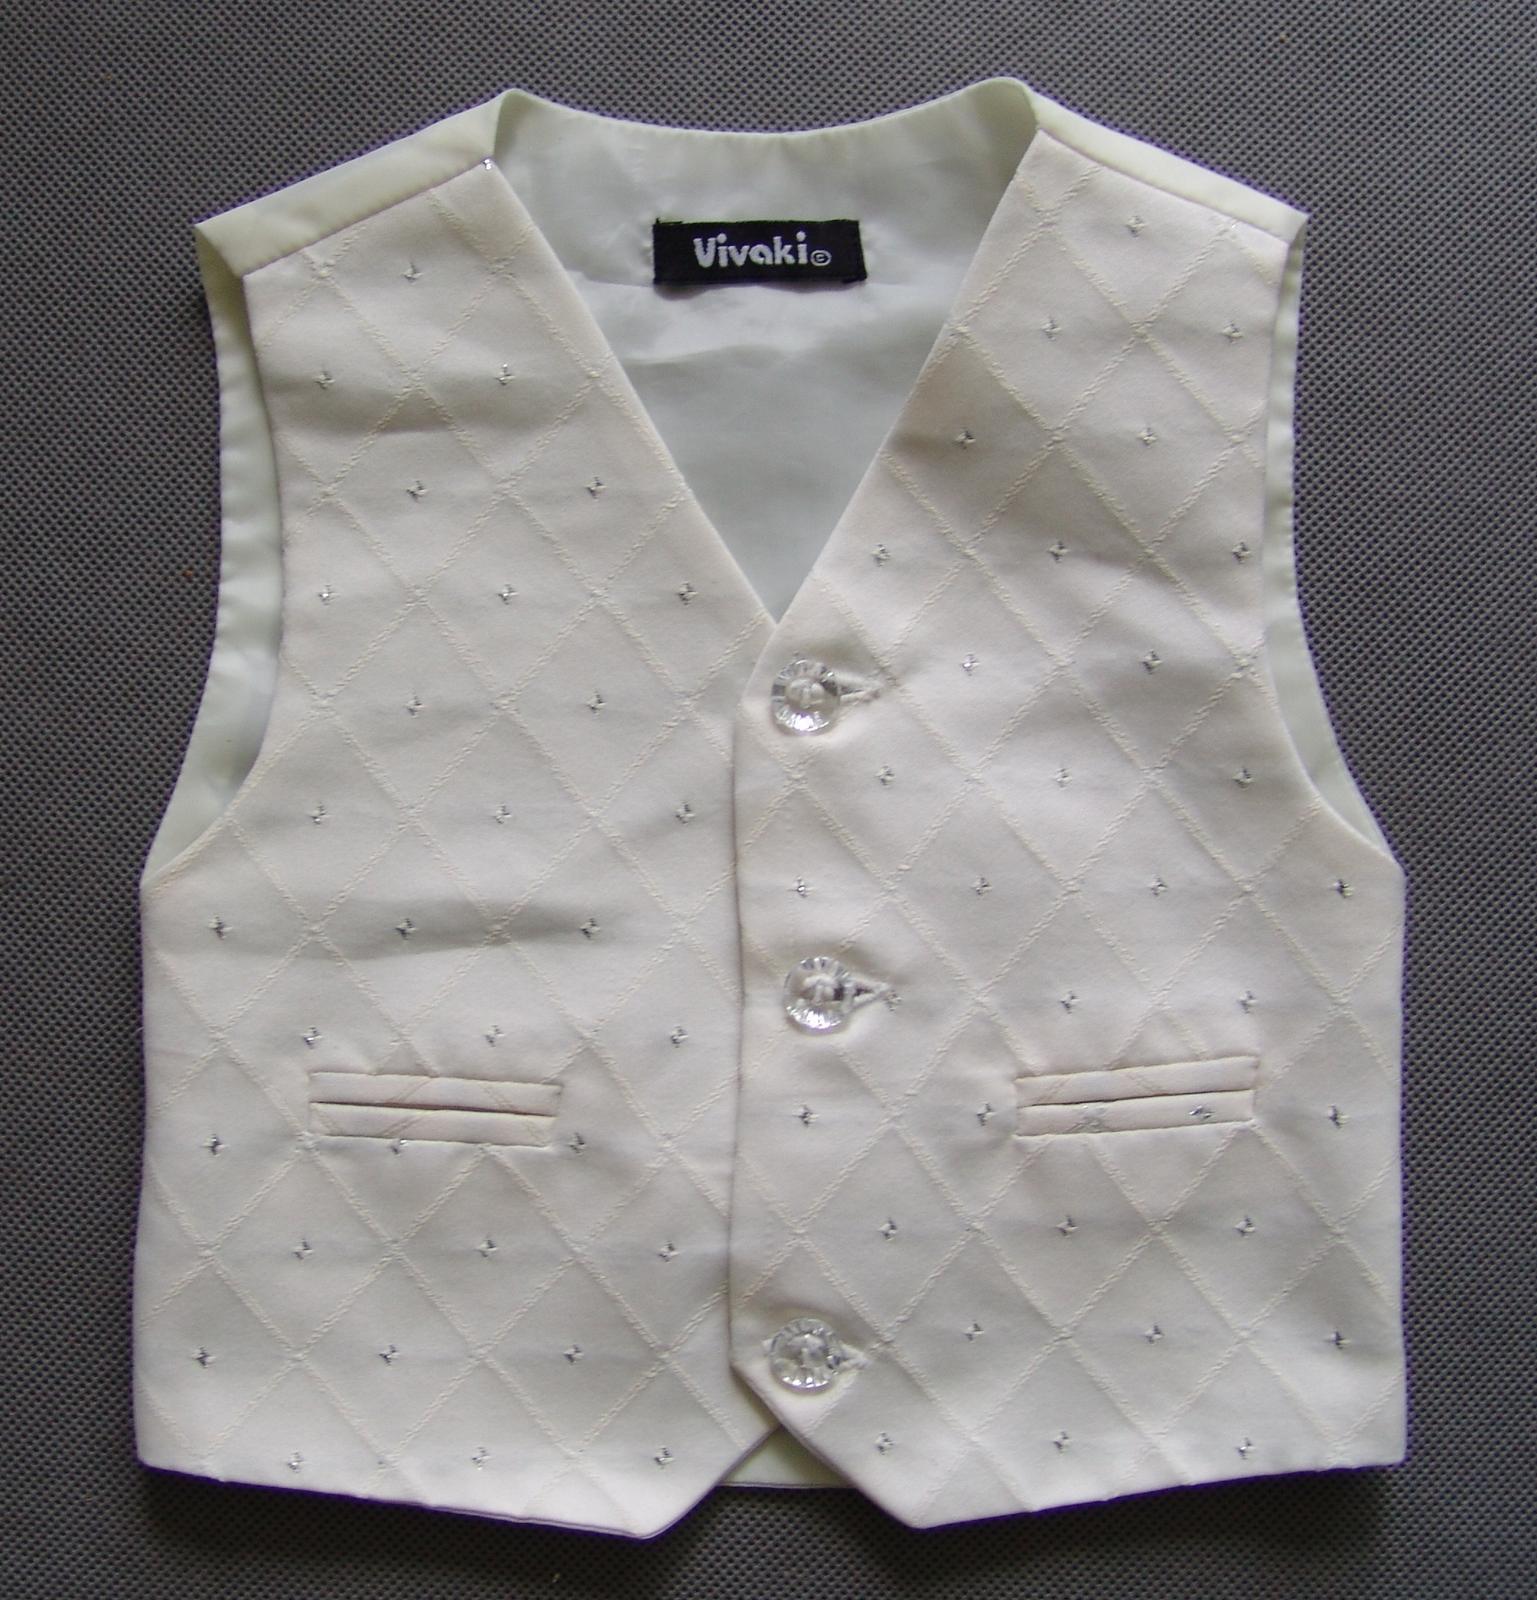 SKLADEM - k zapůjčení ivory oblek, 0-3,9-12, 5 a 6 - Obrázek č. 3